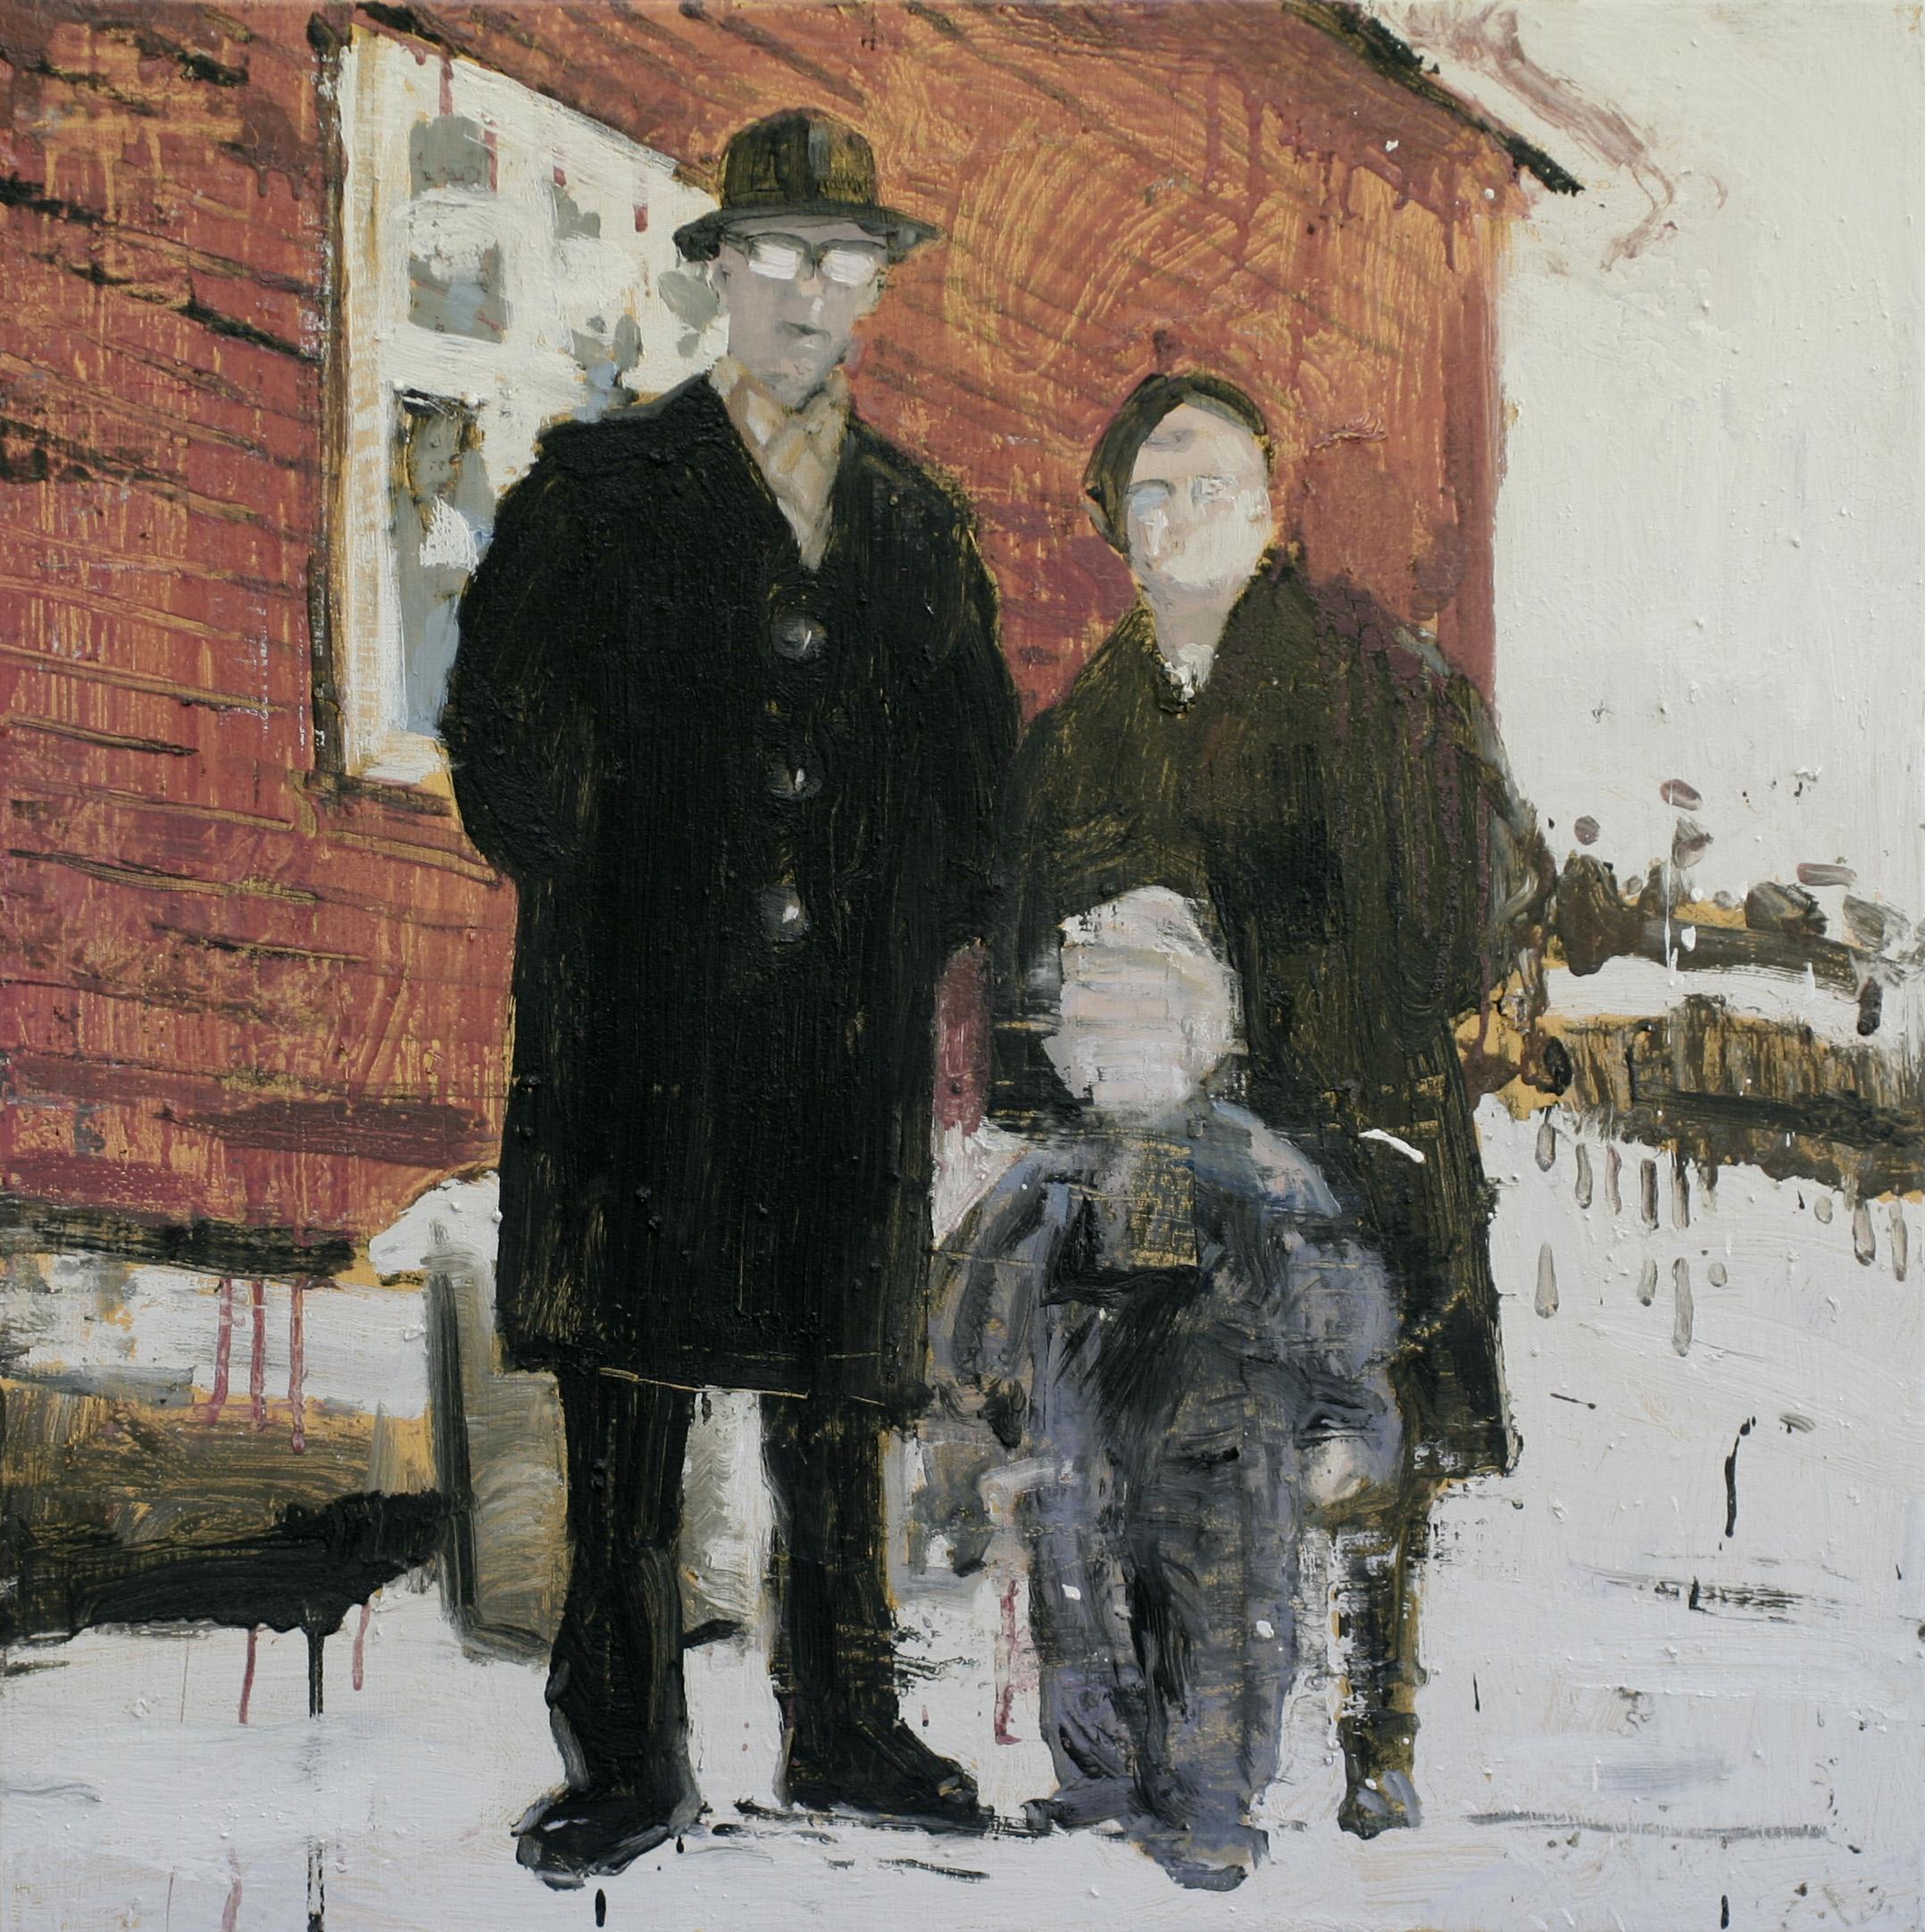 Bestemor, bestefar og jeg | 80x80 cm | Eggoljetempera på lerret | Privat eie